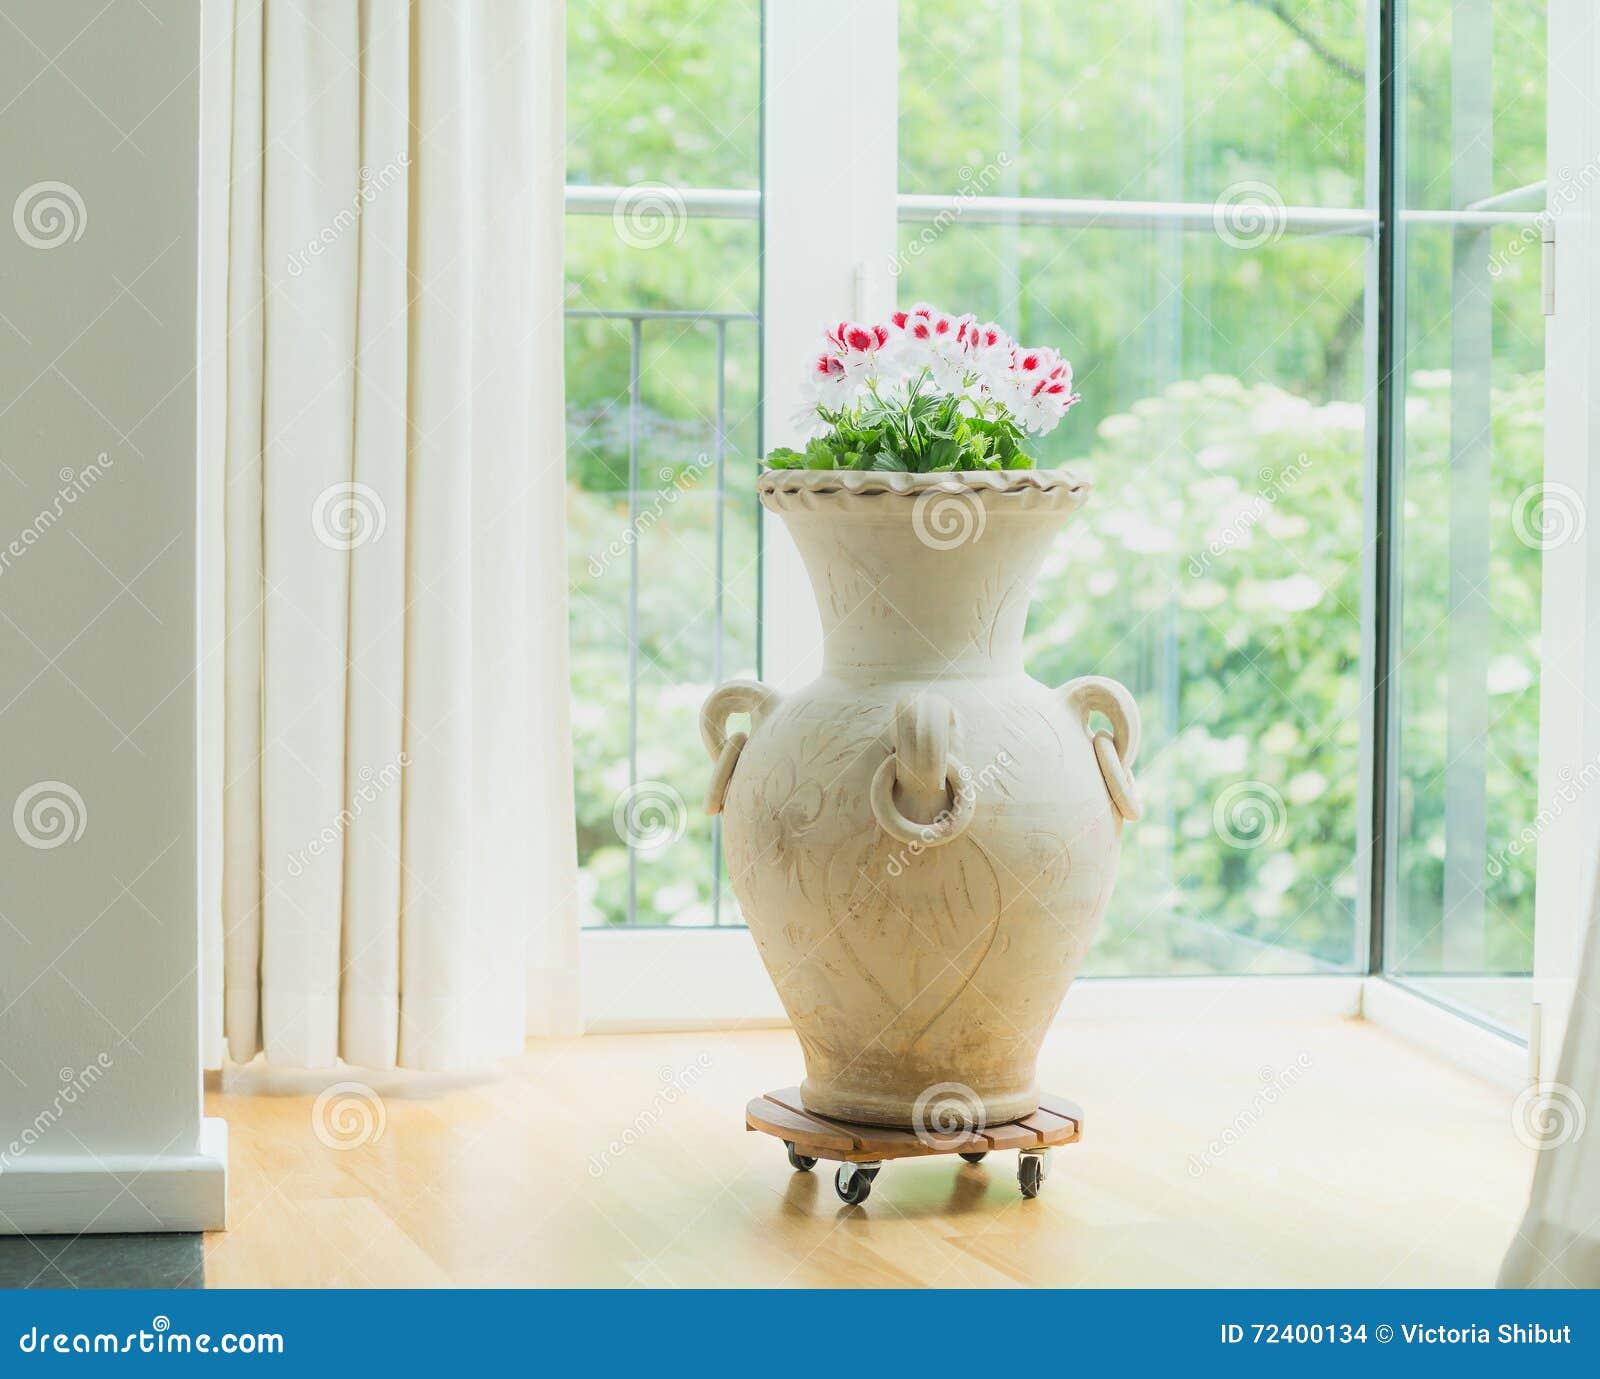 Décoration à la maison avec l amphore ou le vase à terre cuite avec des fleurs